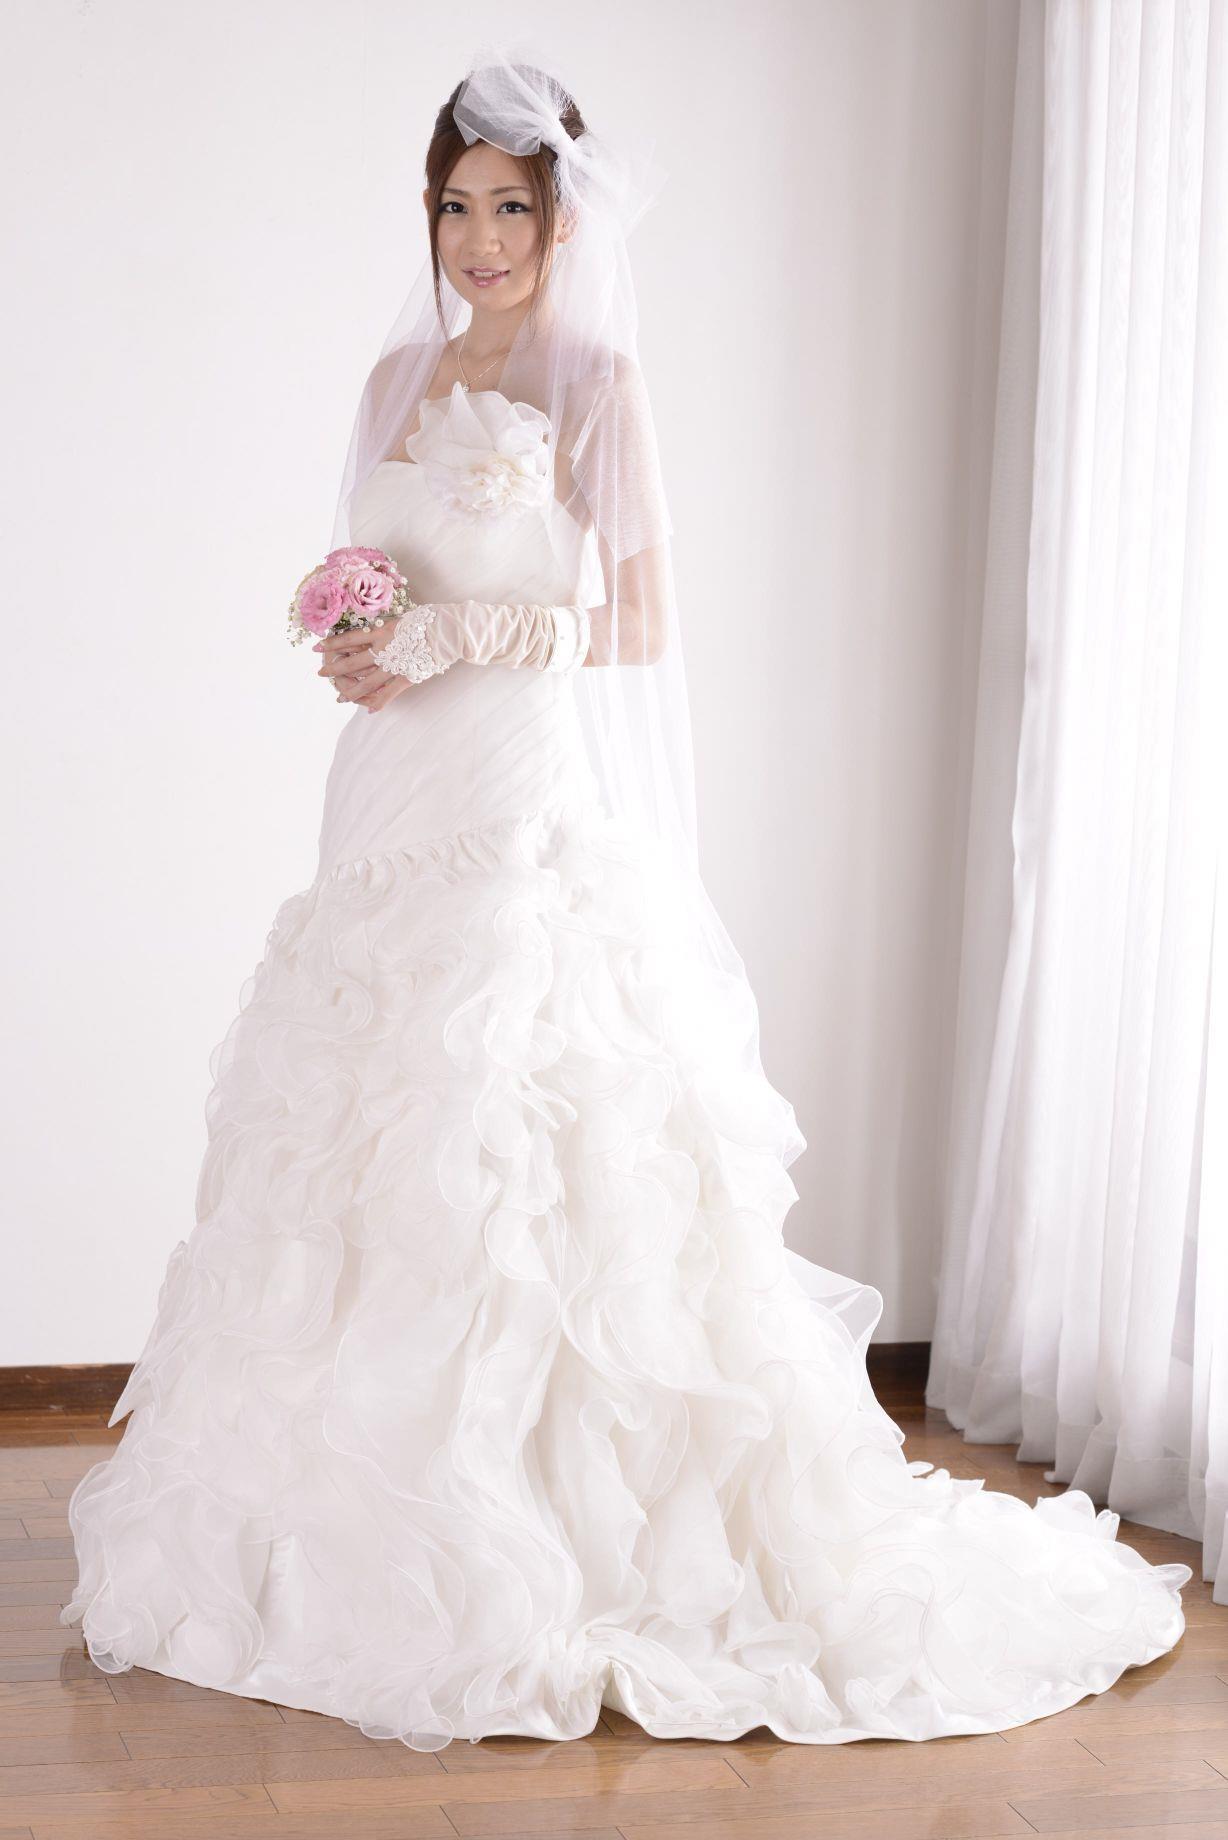 前田かおり ウェディングドレス画像 19